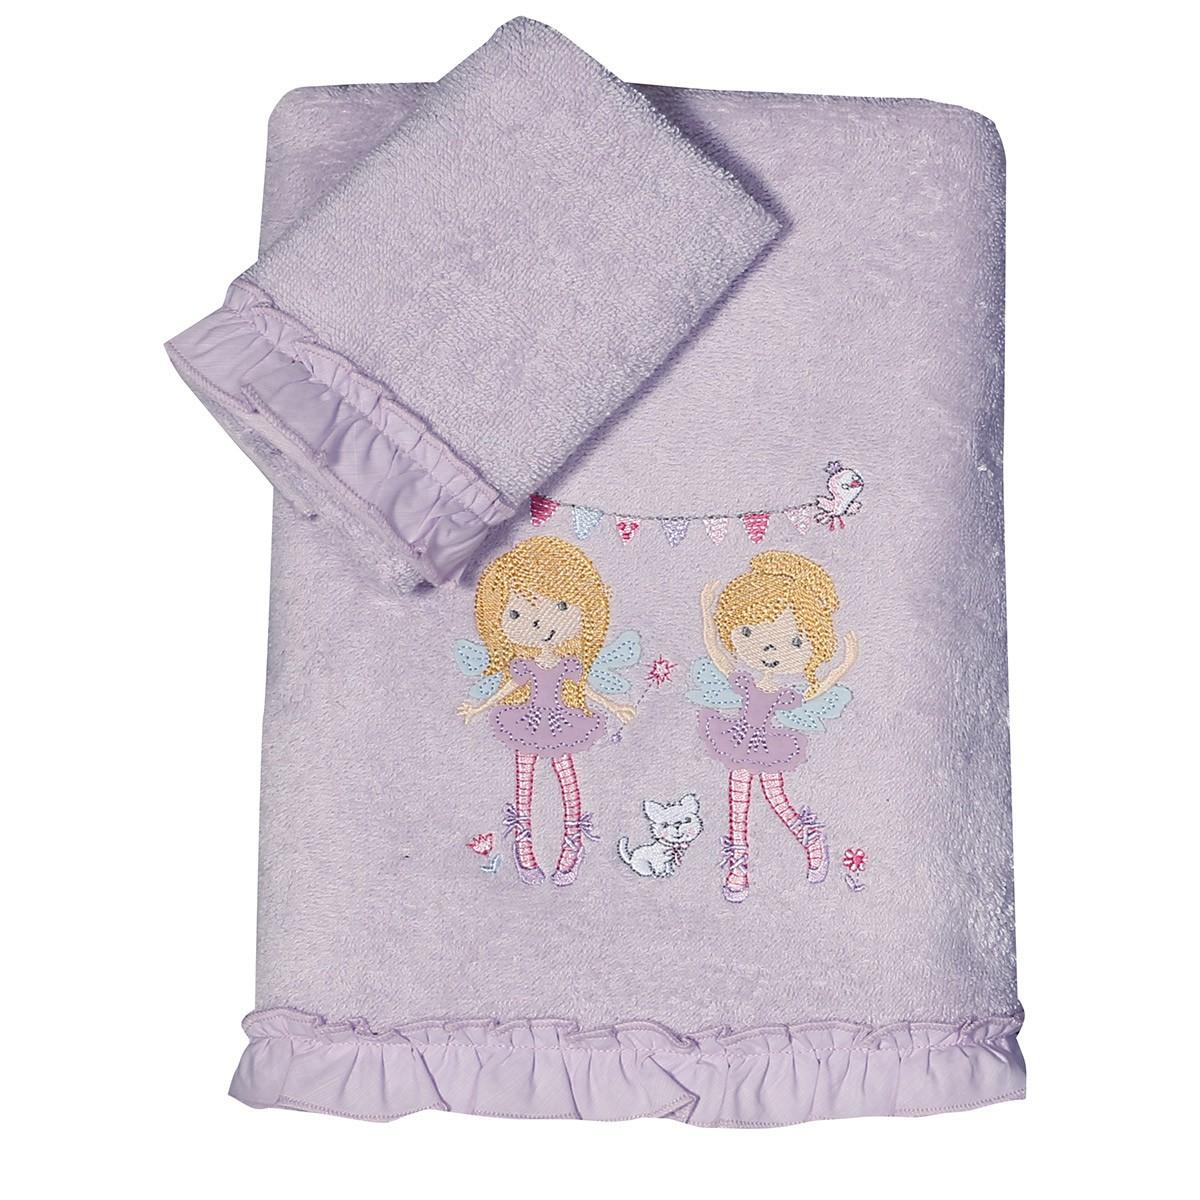 Παιδικές Πετσέτες (Σετ 2τμχ) Nef-Nef Kid Happy Girls 89002